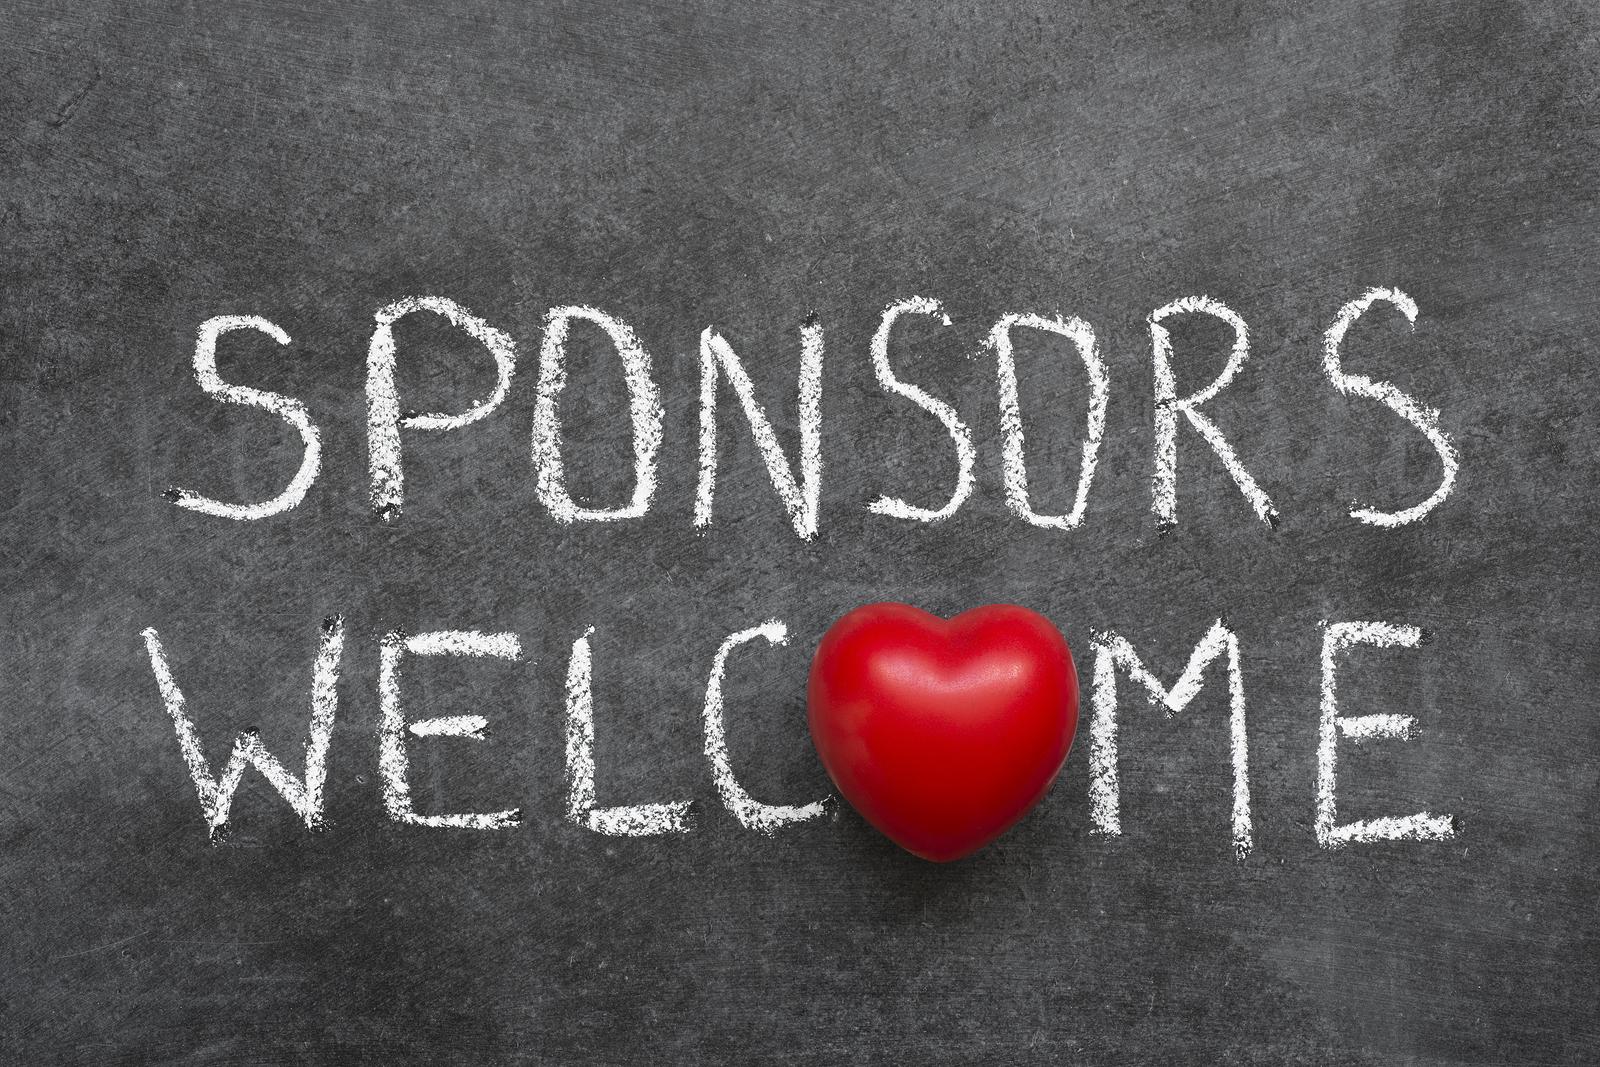 Спонсор — википедия. что такое спонсор